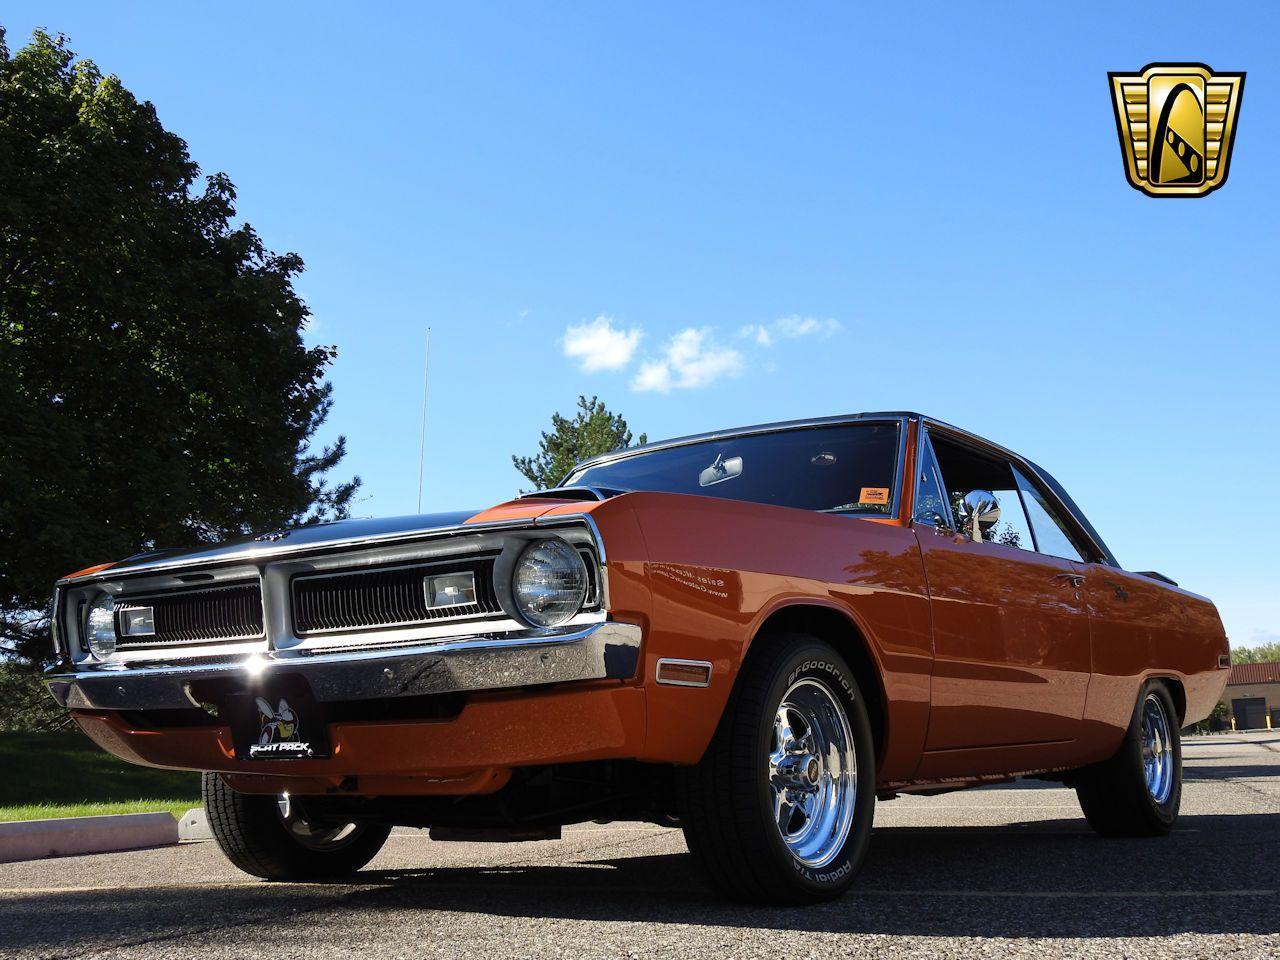 1970 Dodge Dart 79 Mopar Muscle Dodge Dart Mopar